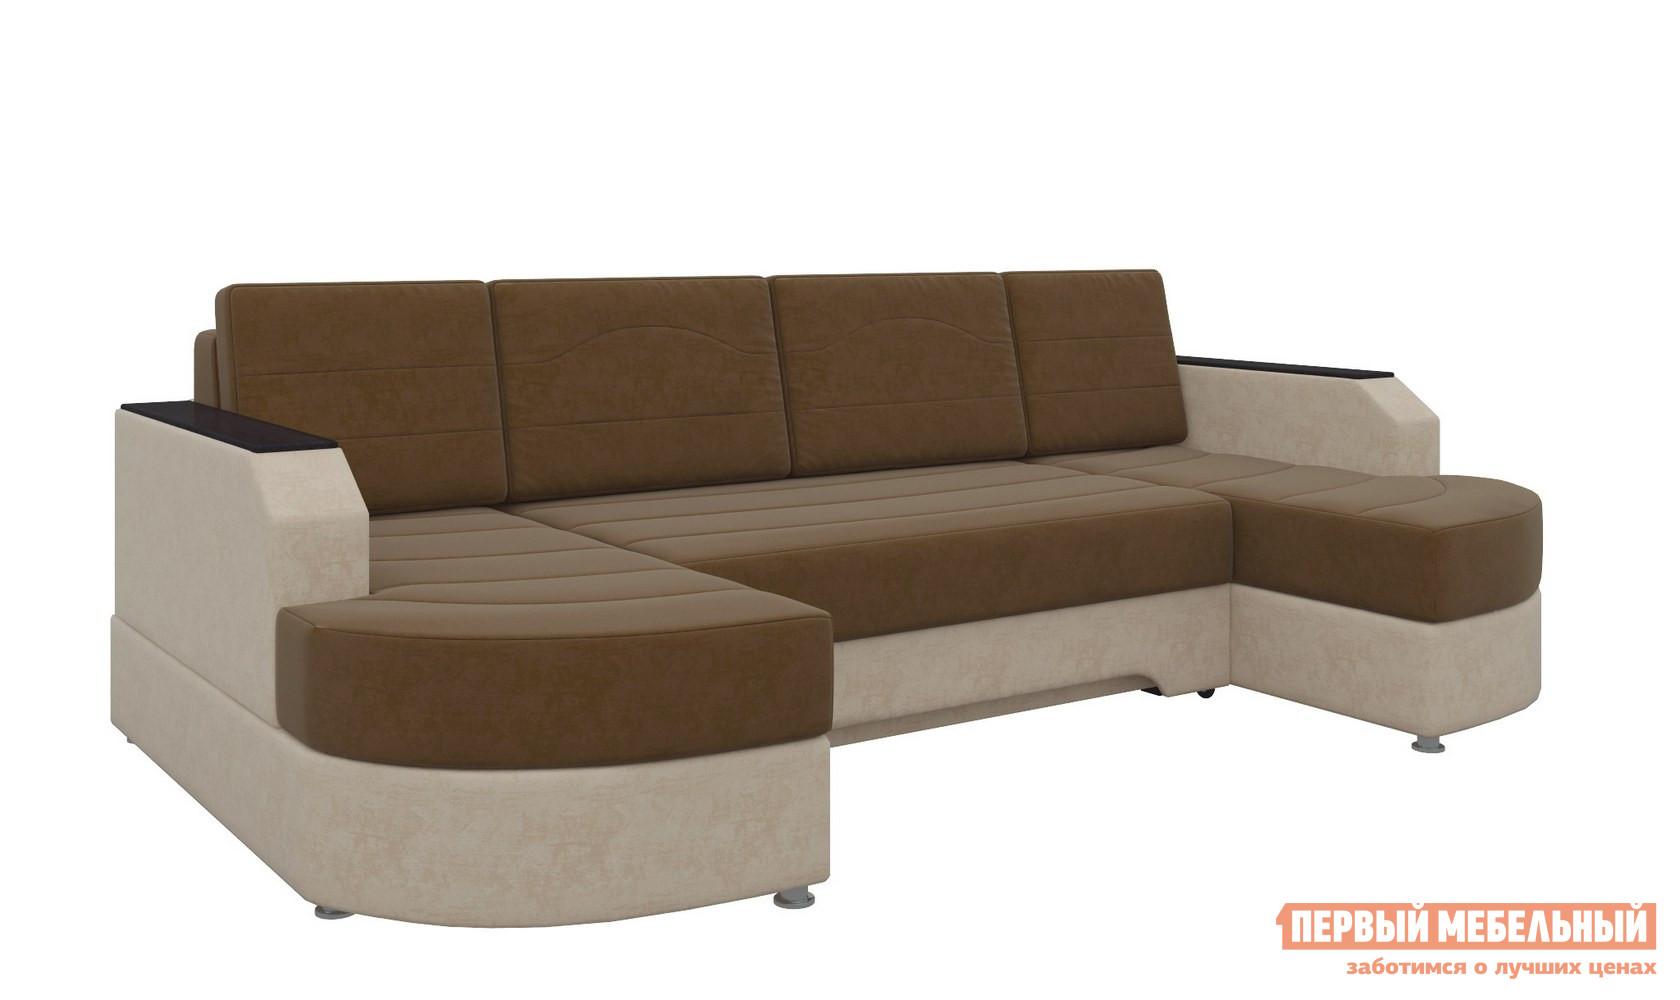 Угловой диван Мебелико Диван угловой Сахара П